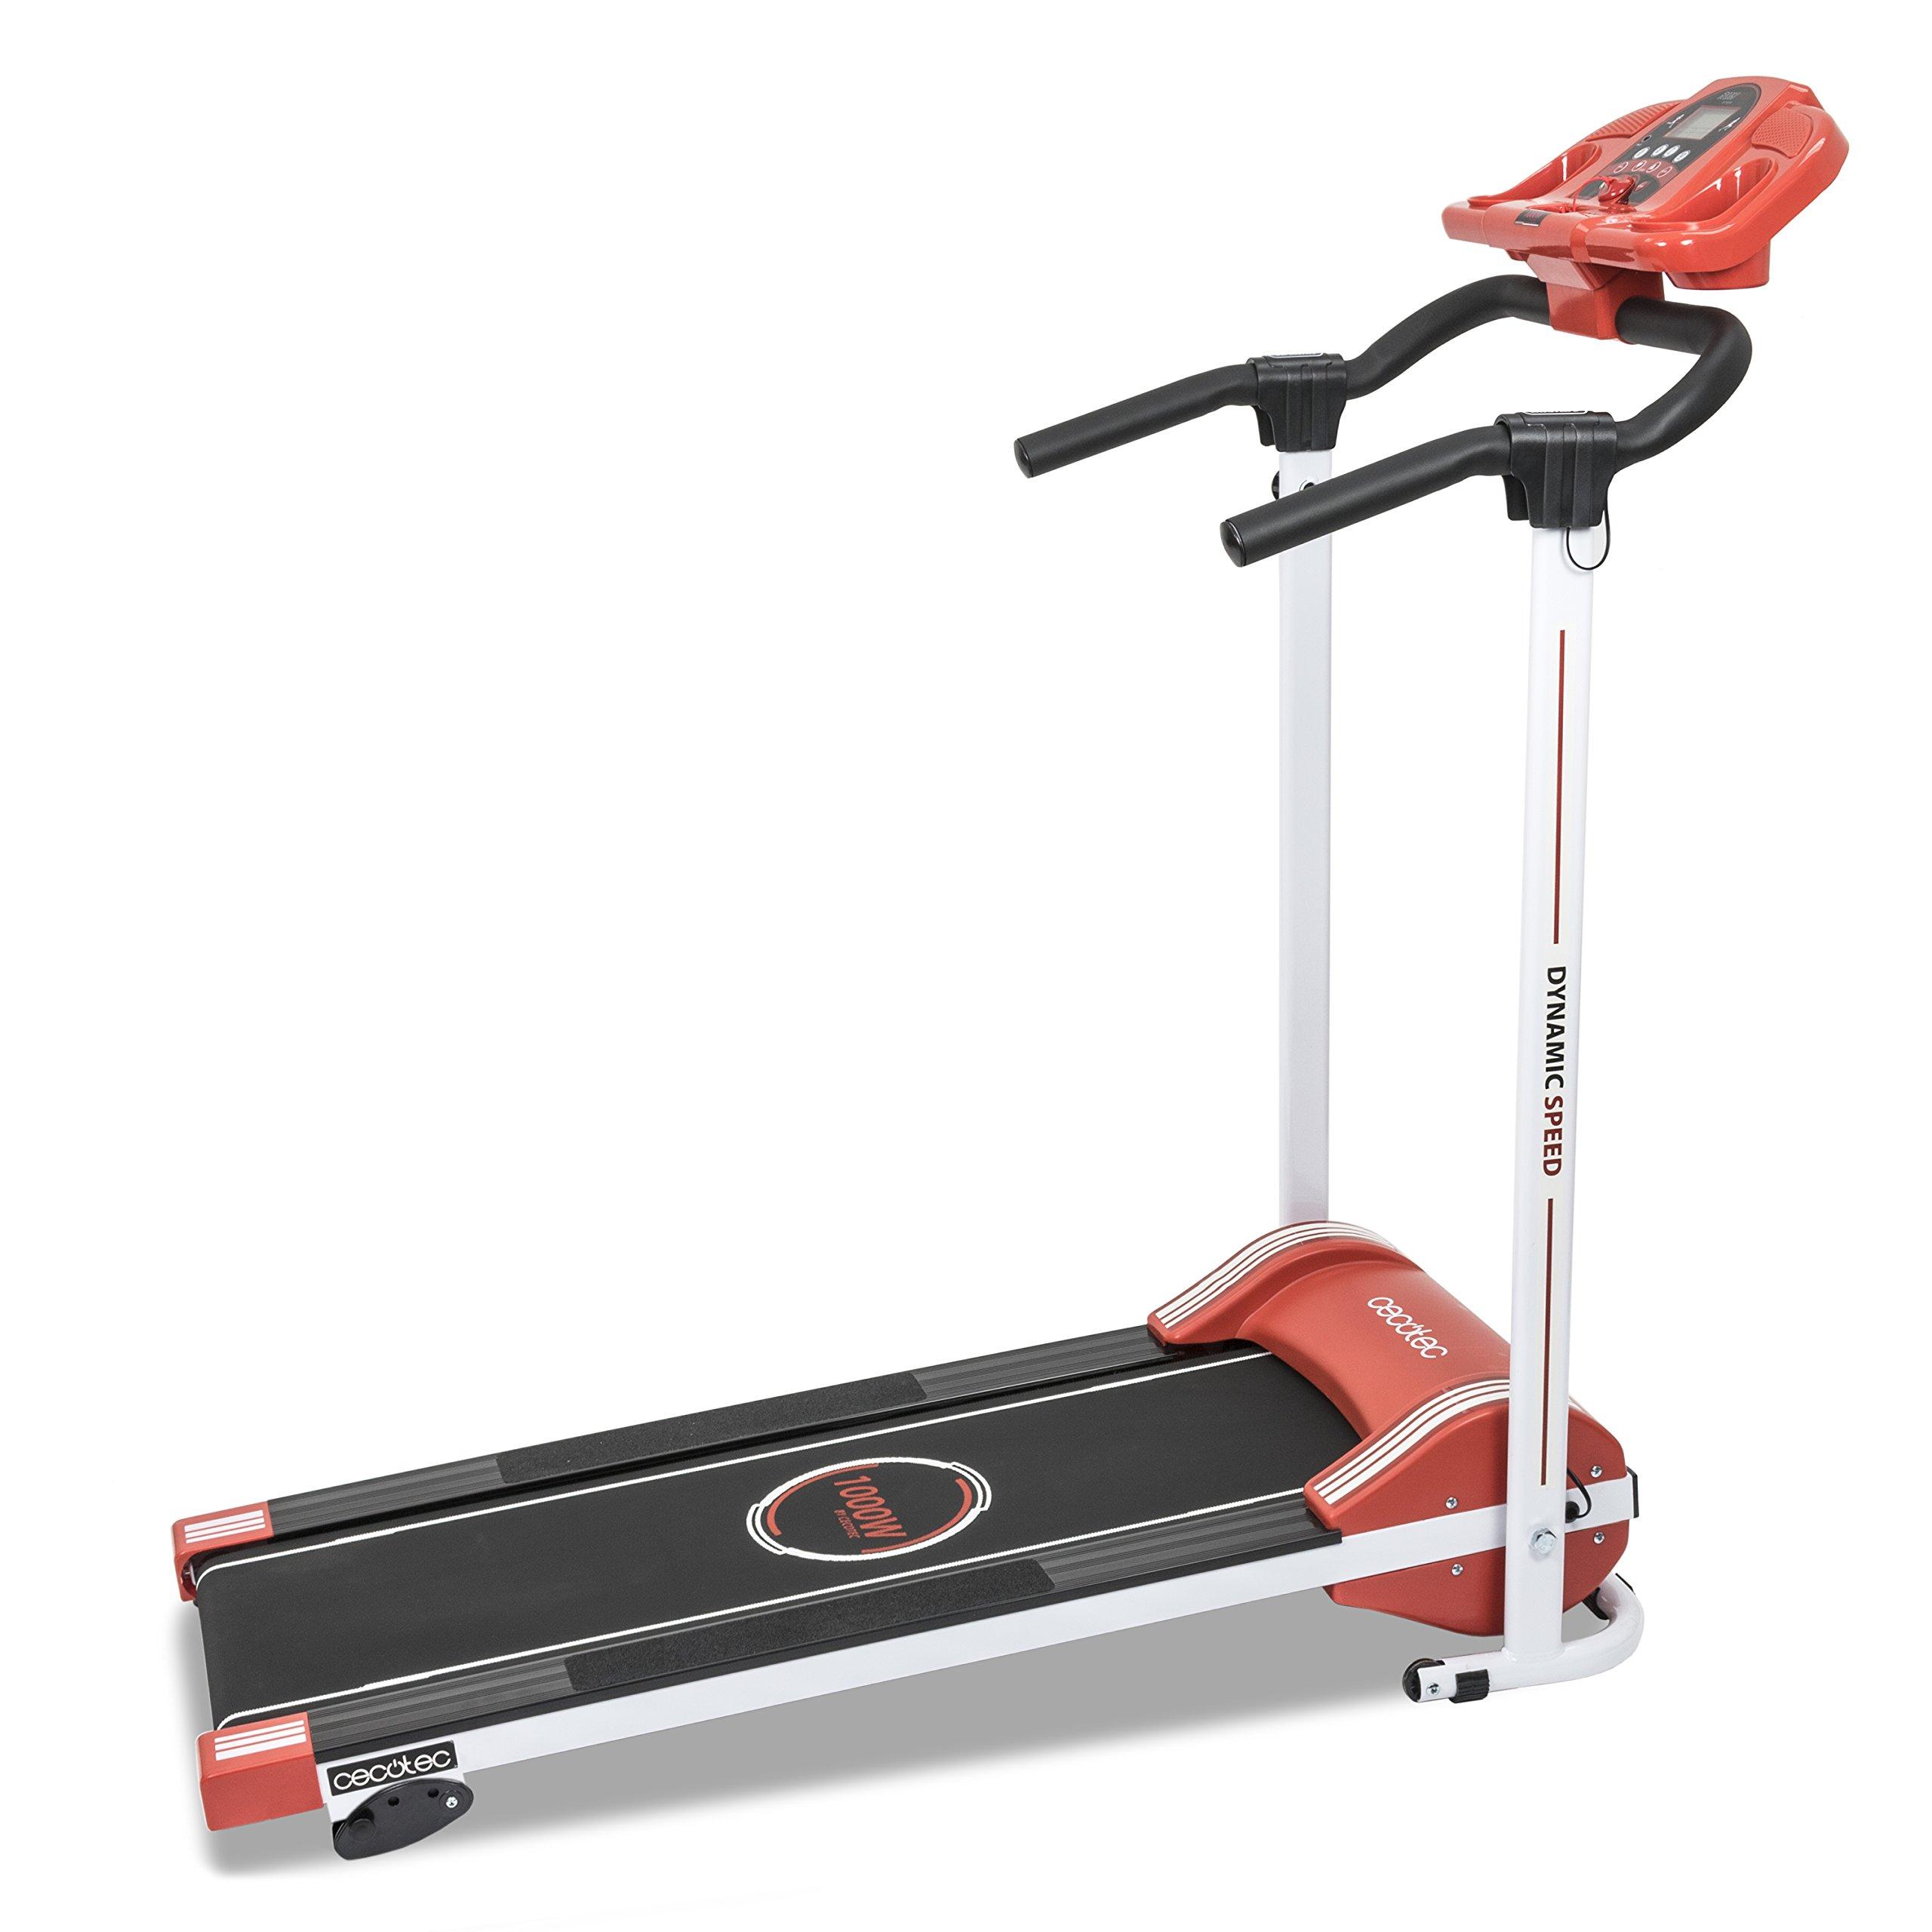 Cecotec - Cinta de andar RunFit Step con12 programas predefinidos. 1000 W de Potencia. Pantalla LED. 10 Km/h. Con Altavoces. Sistema seguridad magnético. Plegable (Rojo) product image